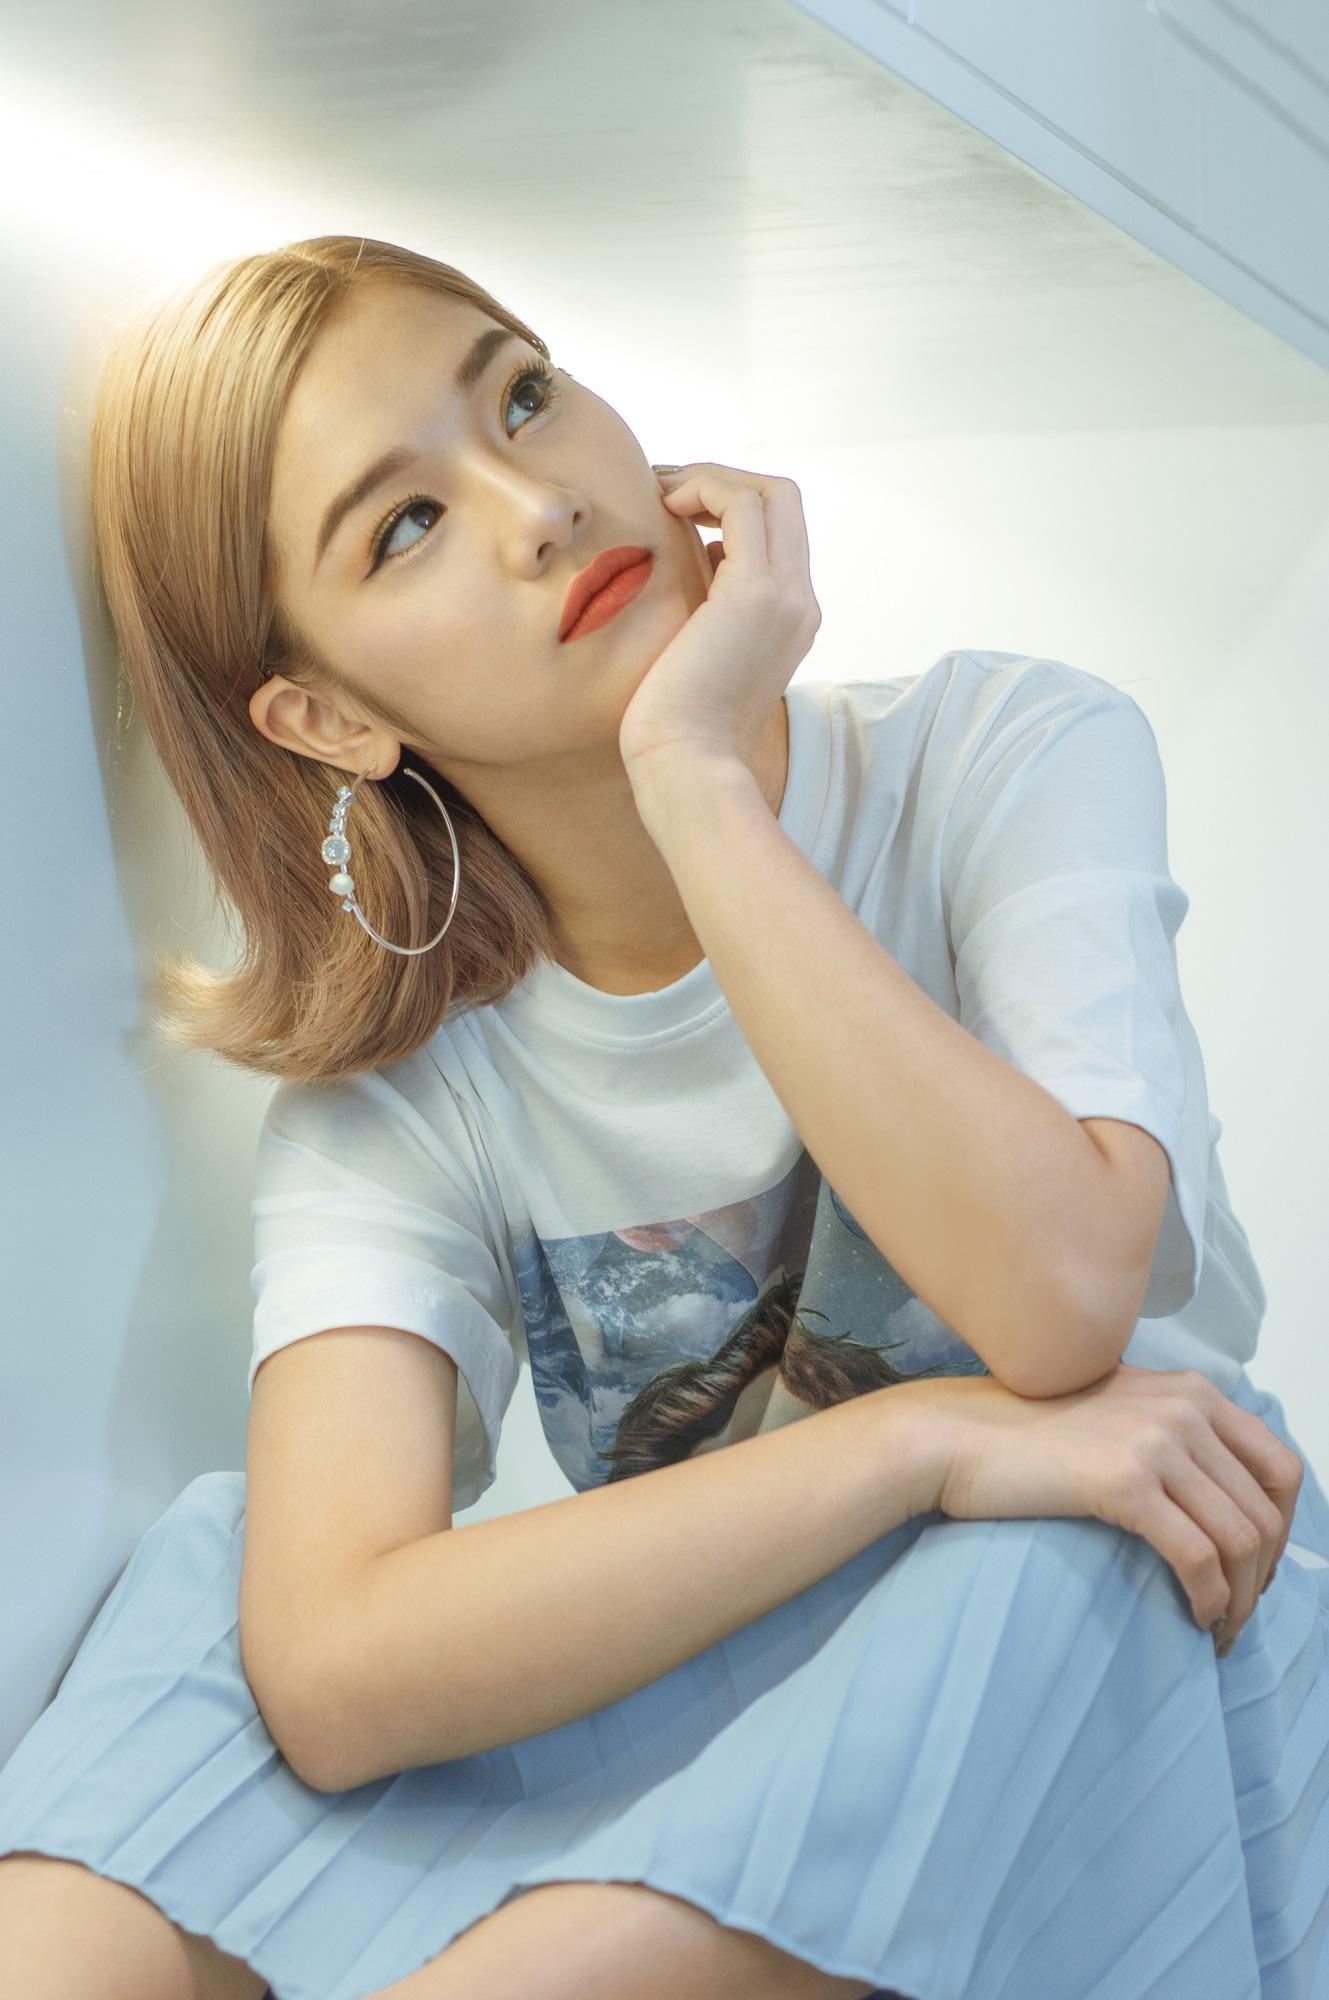 Hoàng Yến Chibi trở thành cô gái 'đa zi năng' khi 'trình làng' sáng tác đầu tay  - Ảnh 9